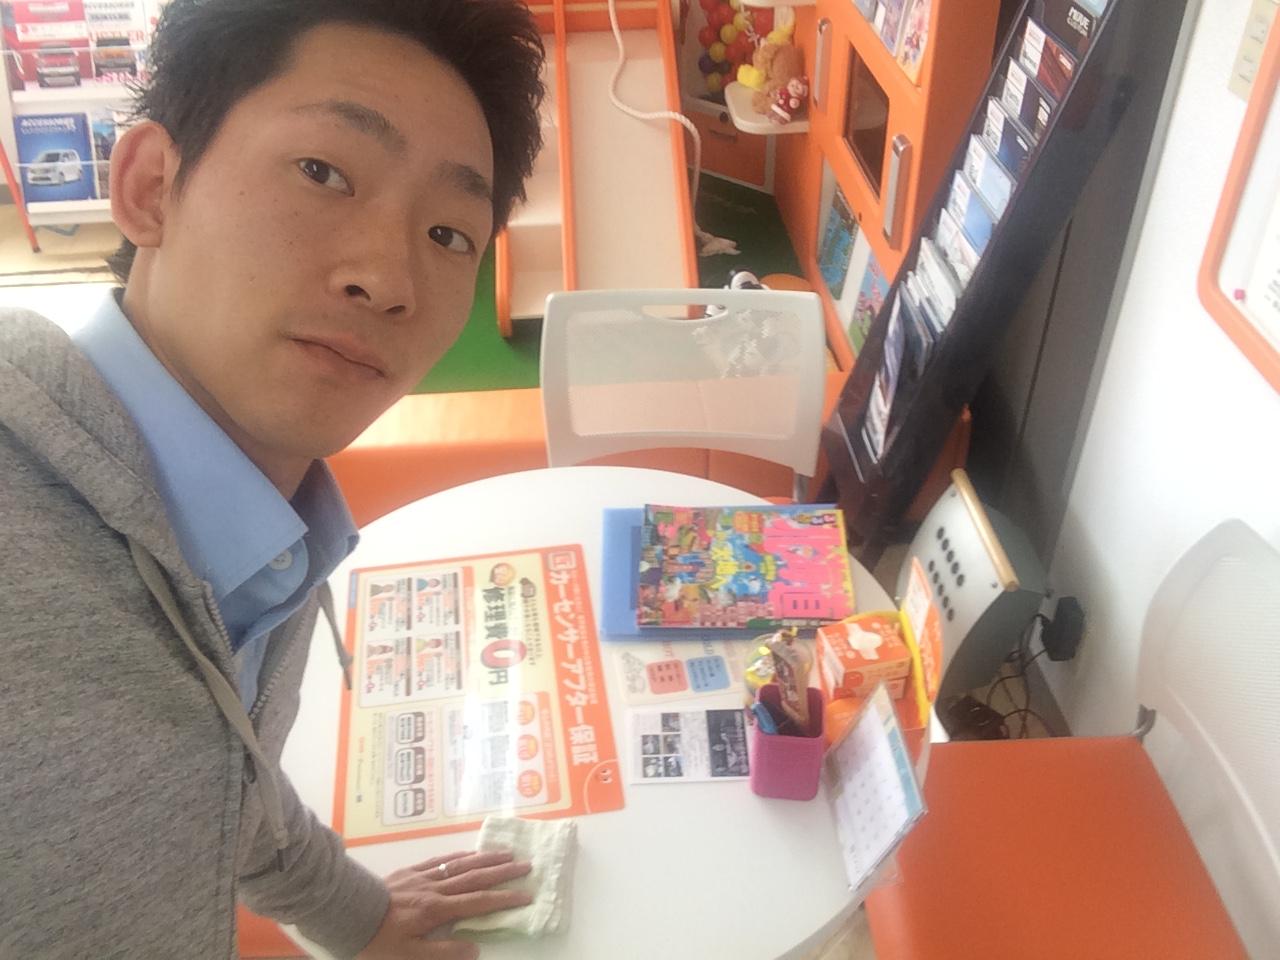 6月7日トミーアウトレット☆祭り!トミー(103円)カーご成約!!ヴィッツU様納車!!_b0127002_1752871.jpg